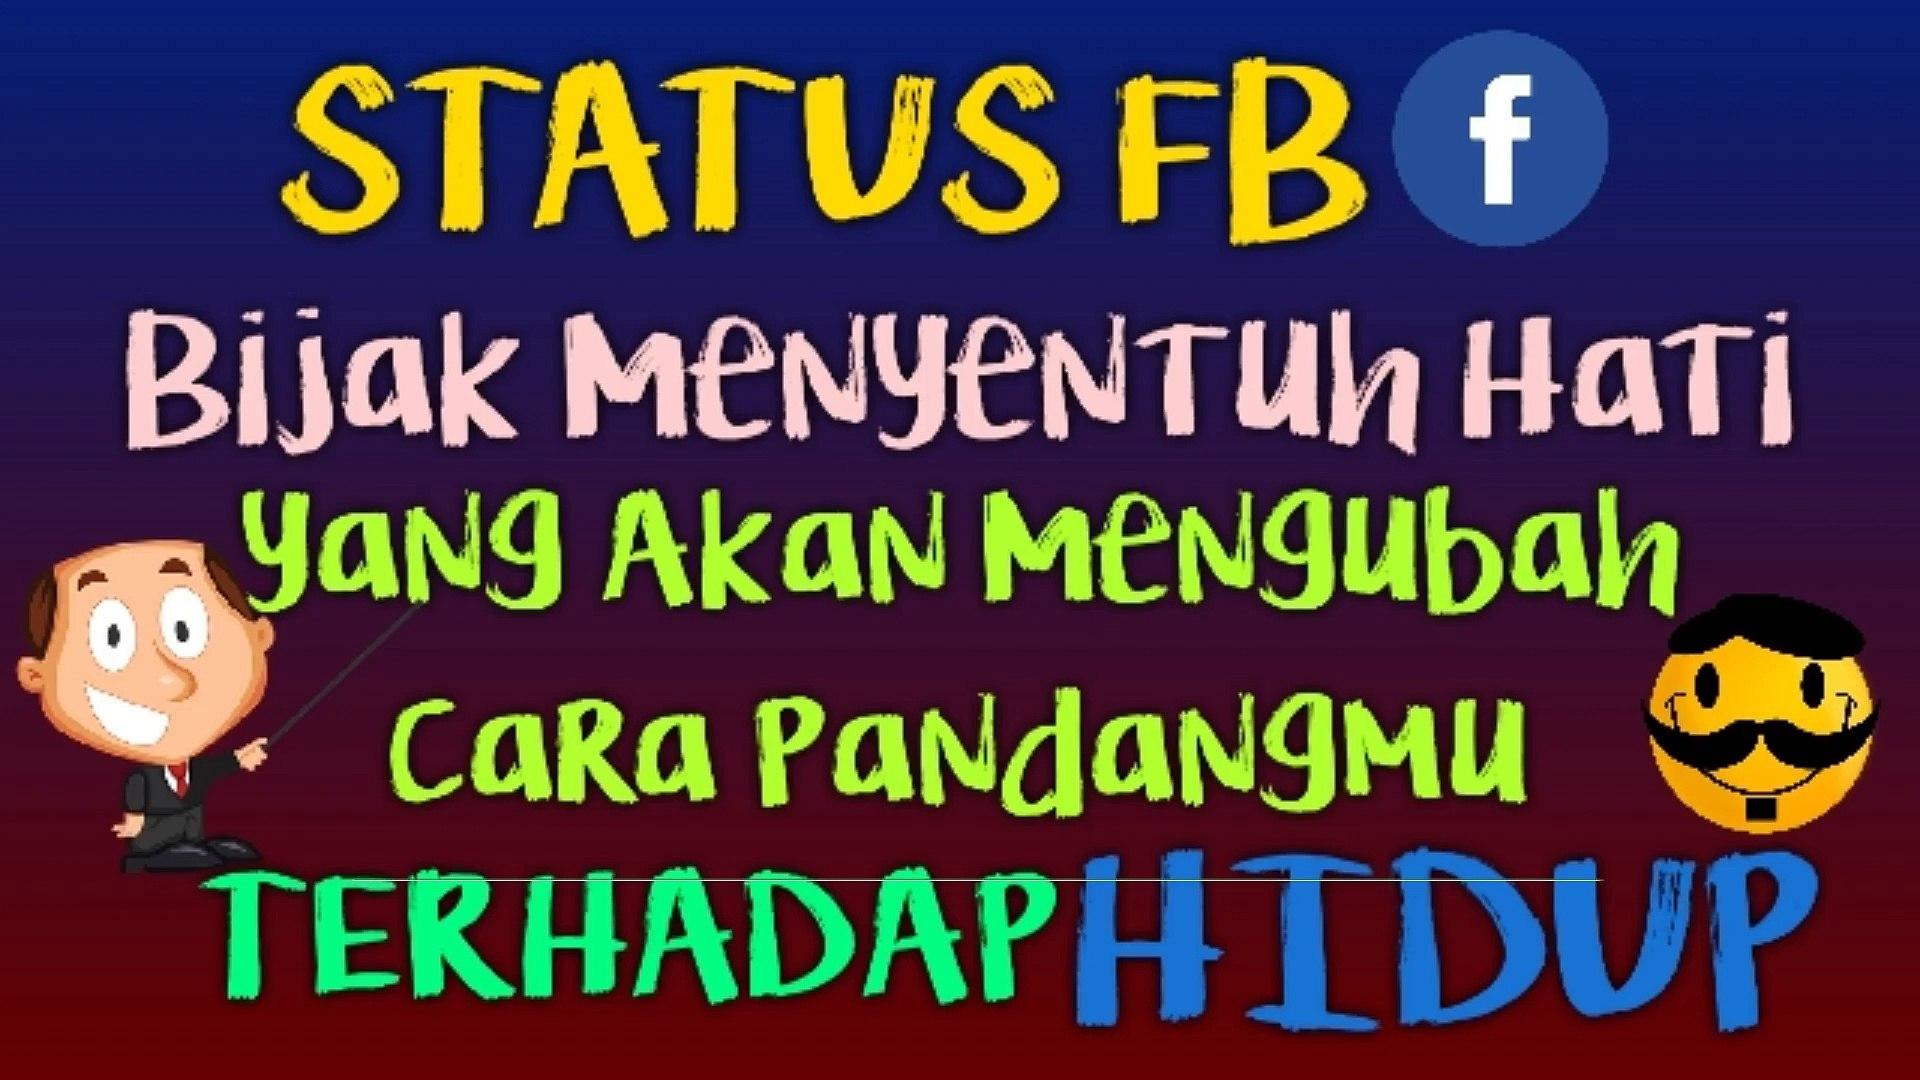 Kata Kata Keren Buat Status Fb Yang Banyak Di Like